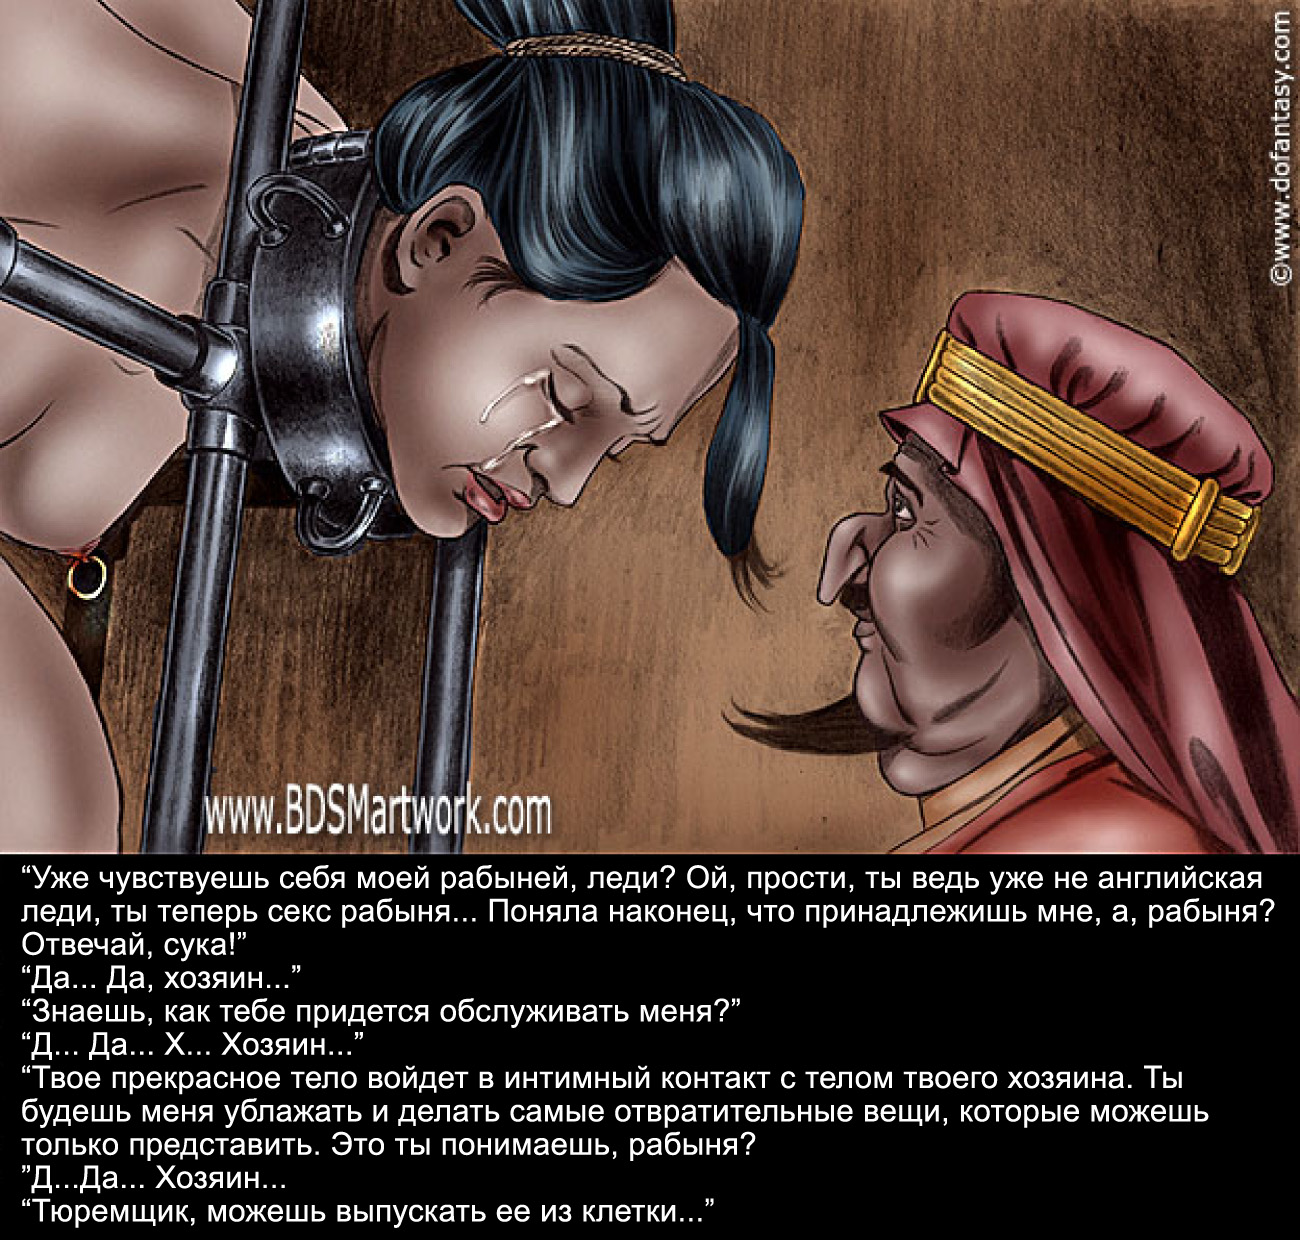 Секс рабство и секс рабыни онлайн смотреть 10 фотография